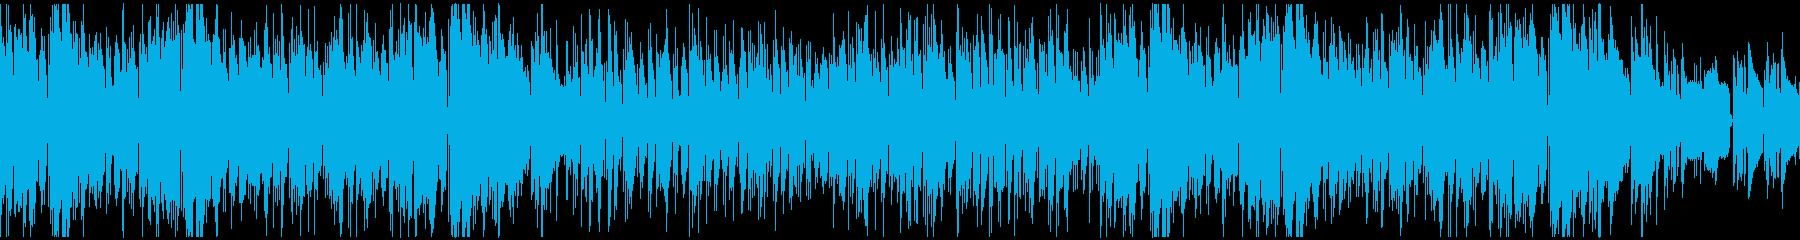 トランペットが奏でる夏の海っぽいボサノバの再生済みの波形